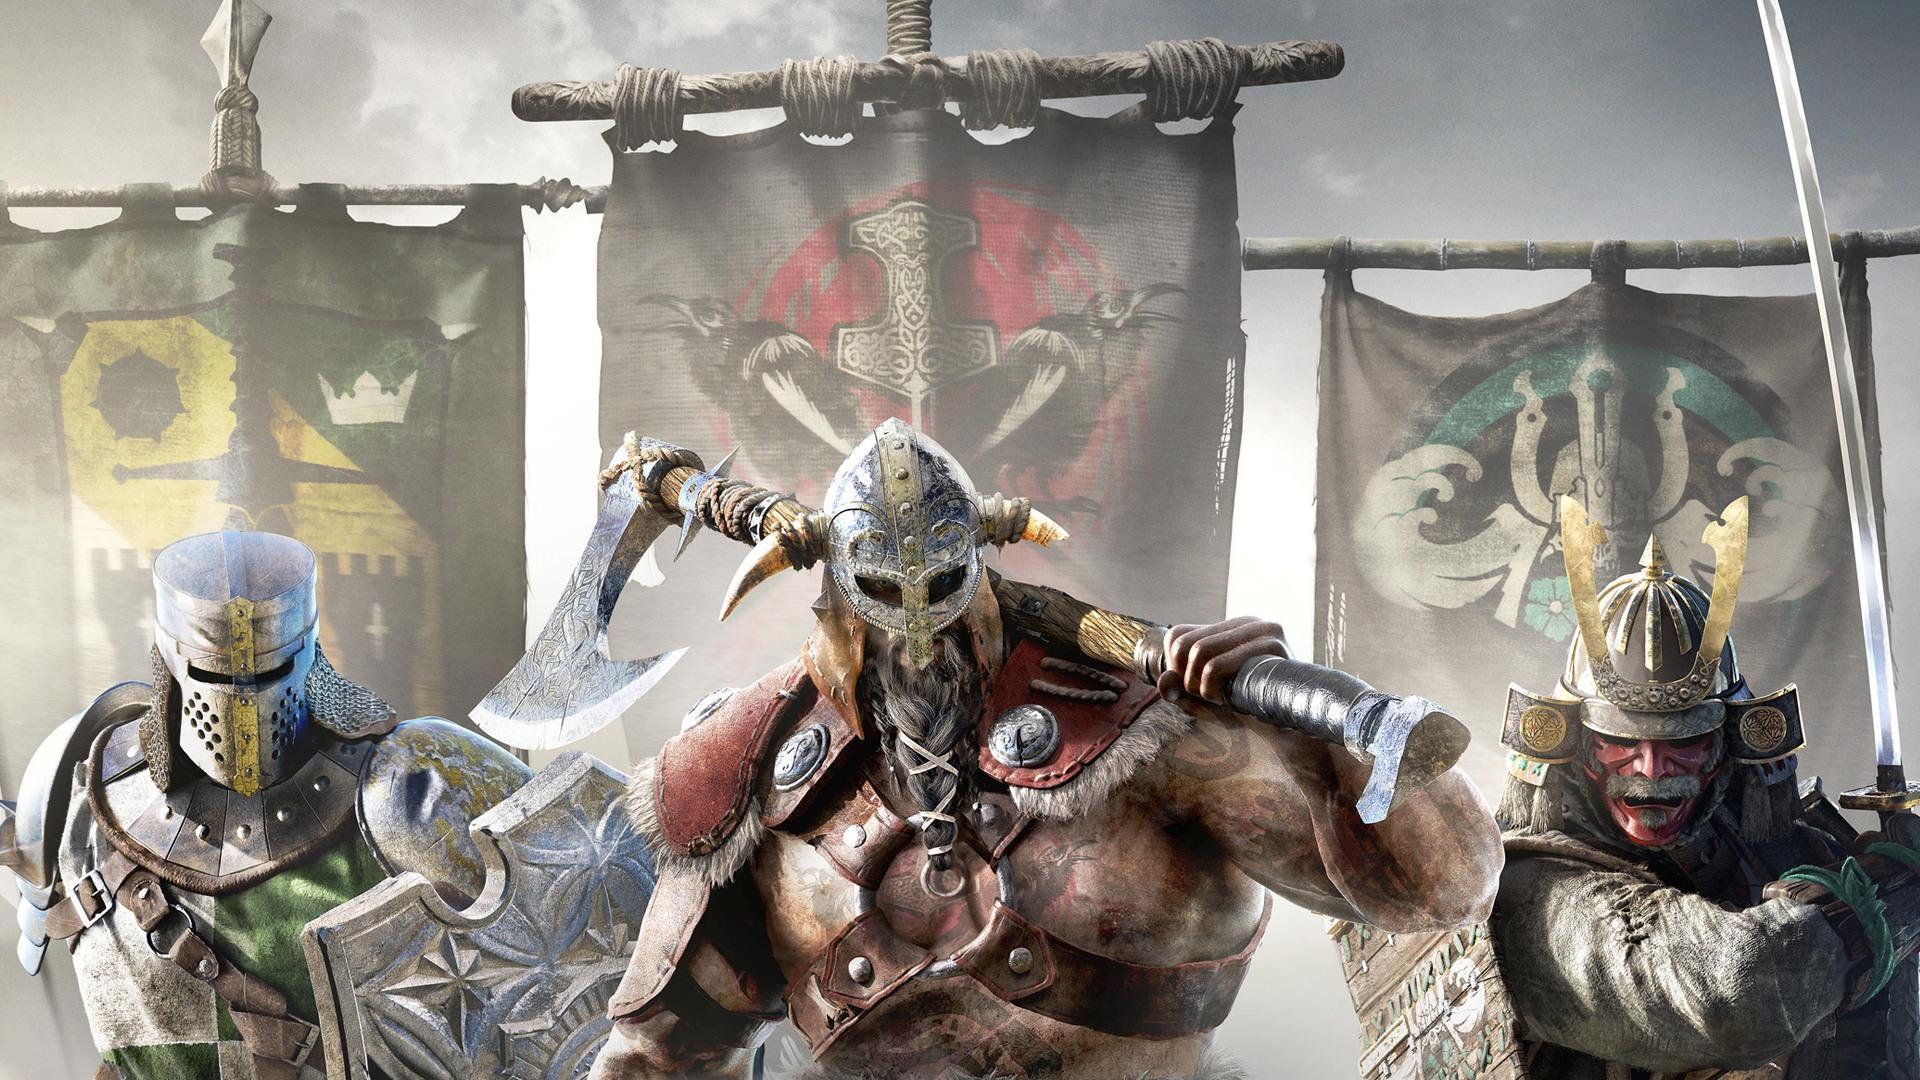 For Honor Viking Wallpaper: Vikings And Knights At War Wallpapers